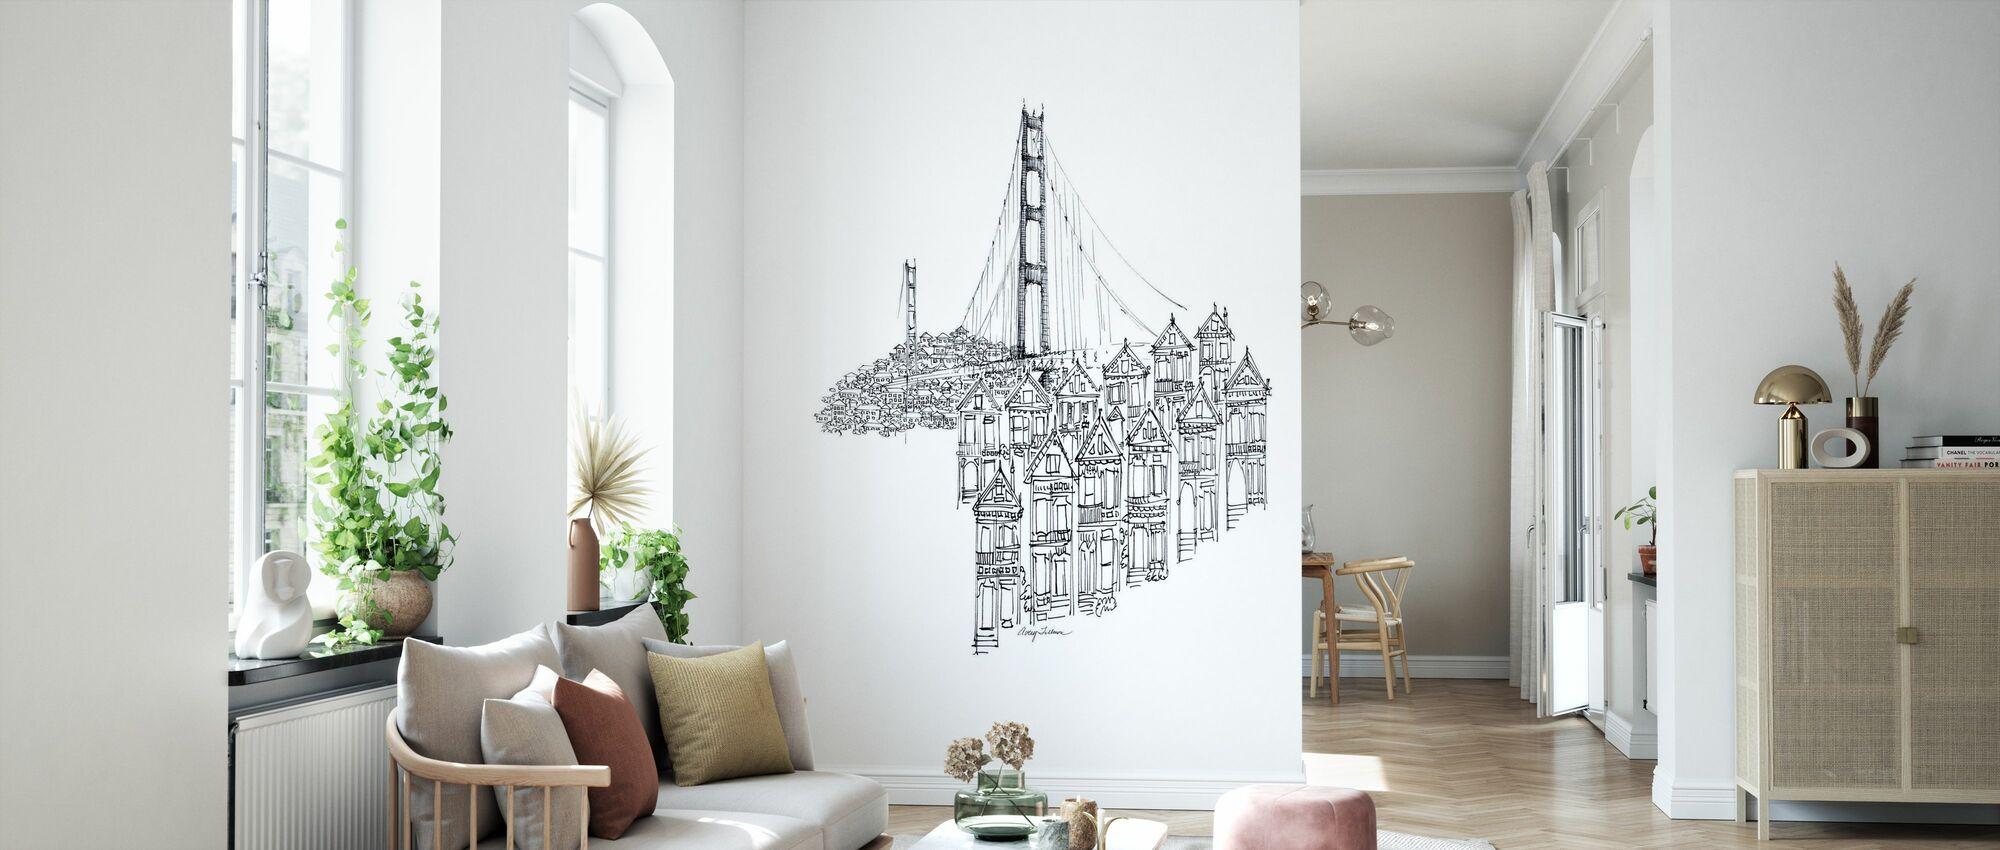 Avery Tillmon - Golden Gate - Wallpaper - Living Room